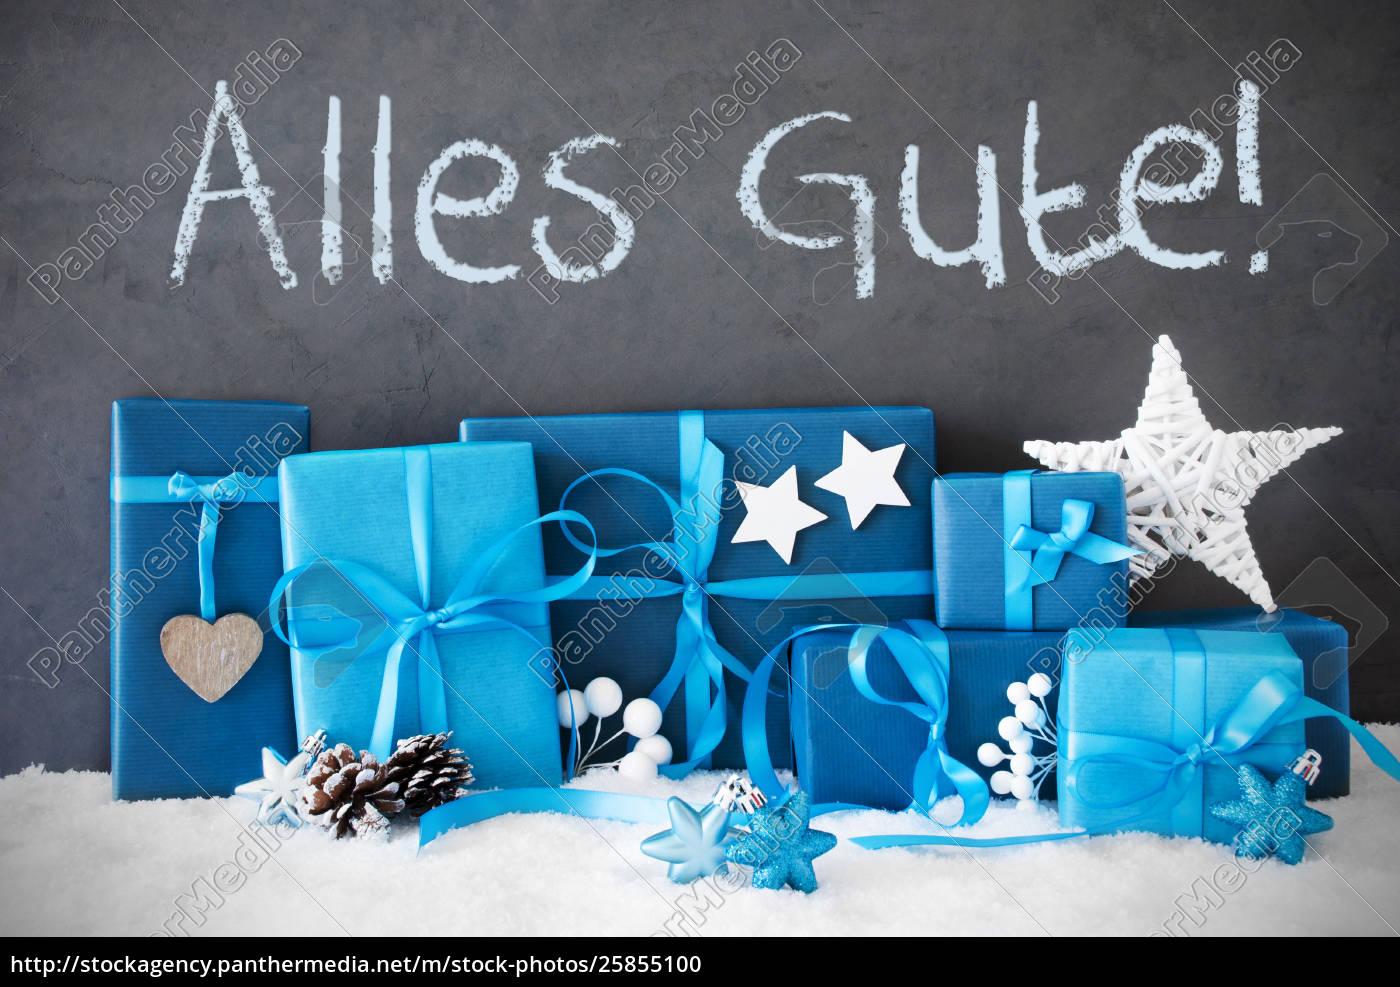 Beste Weihnachtsgeschenke.Lizenzfreies Foto 25855100 Weihnachtsgeschenke Schnee Alles Gute Bedeutet Beste Wünsche